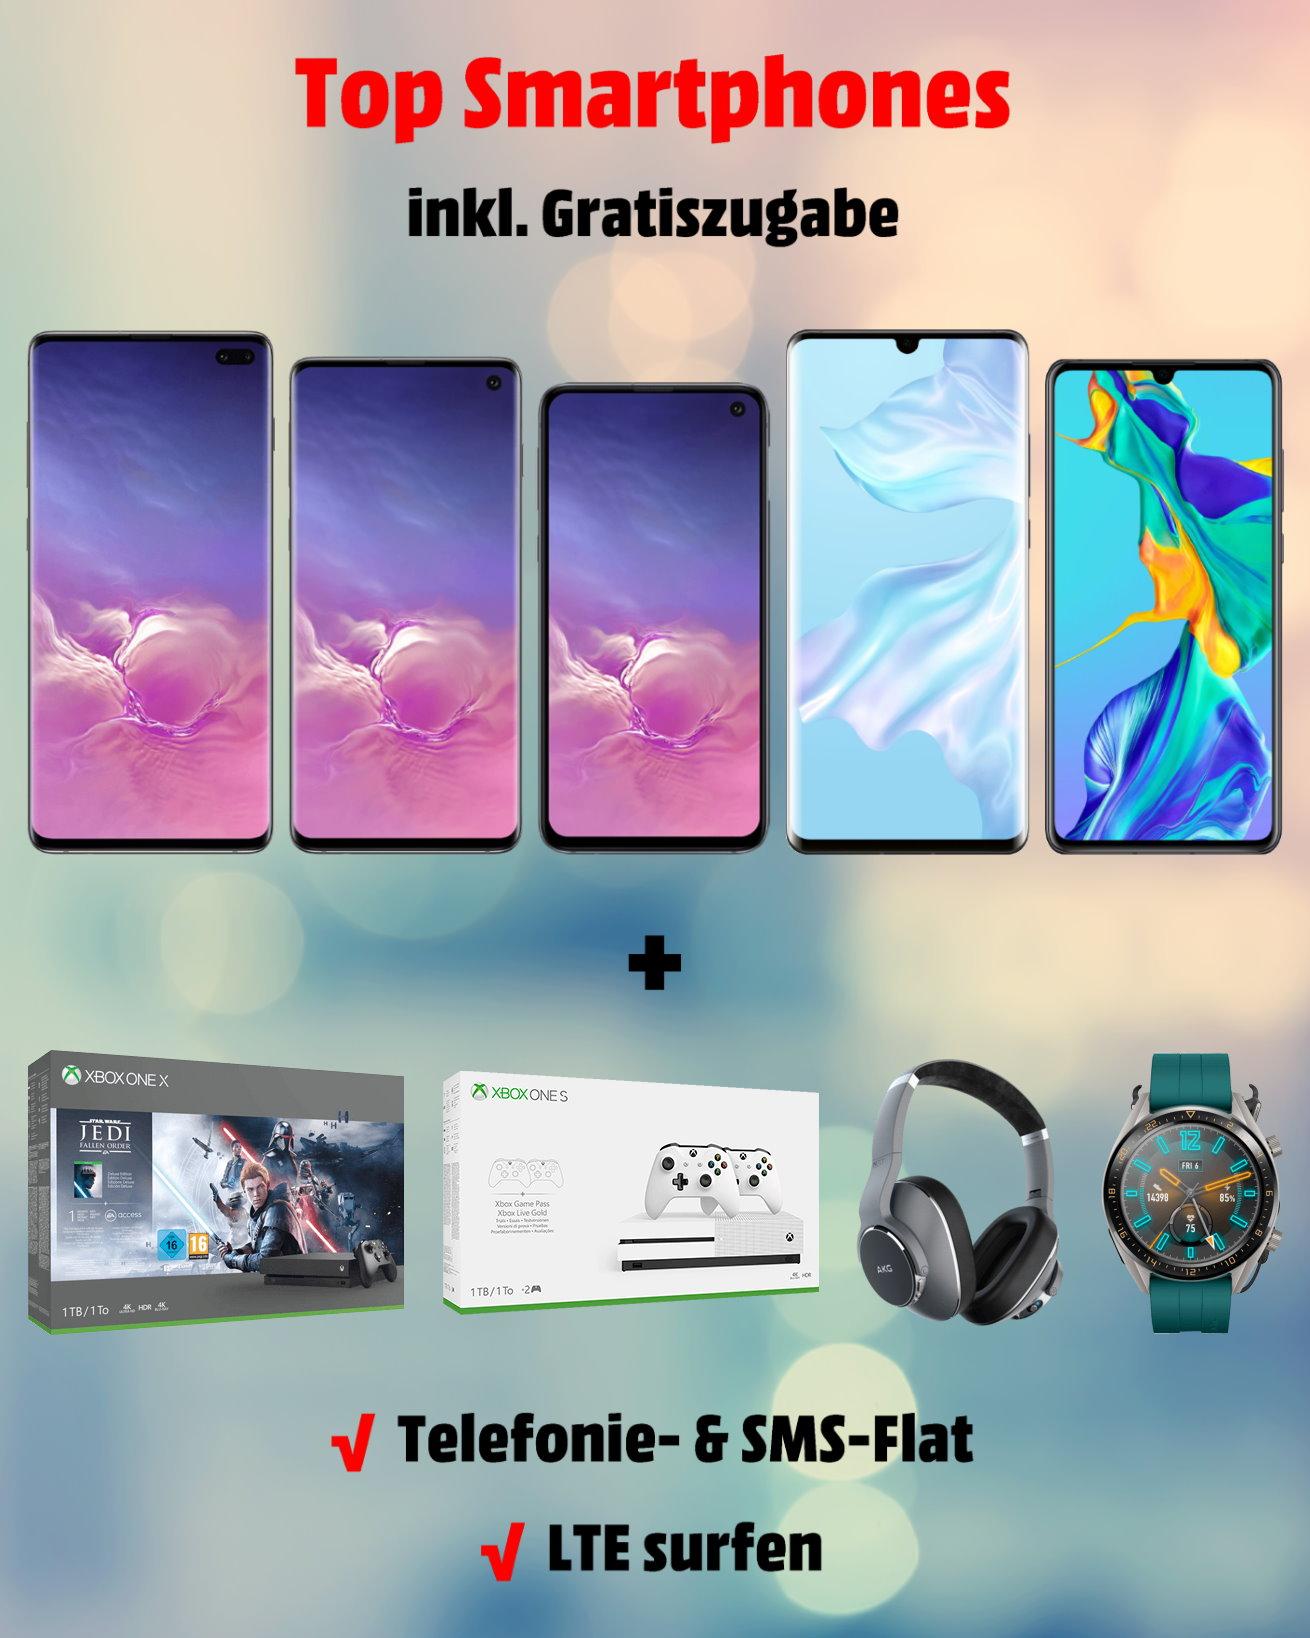 Top-Smartphones inkl. Gratiszugabe zum Bestpreis